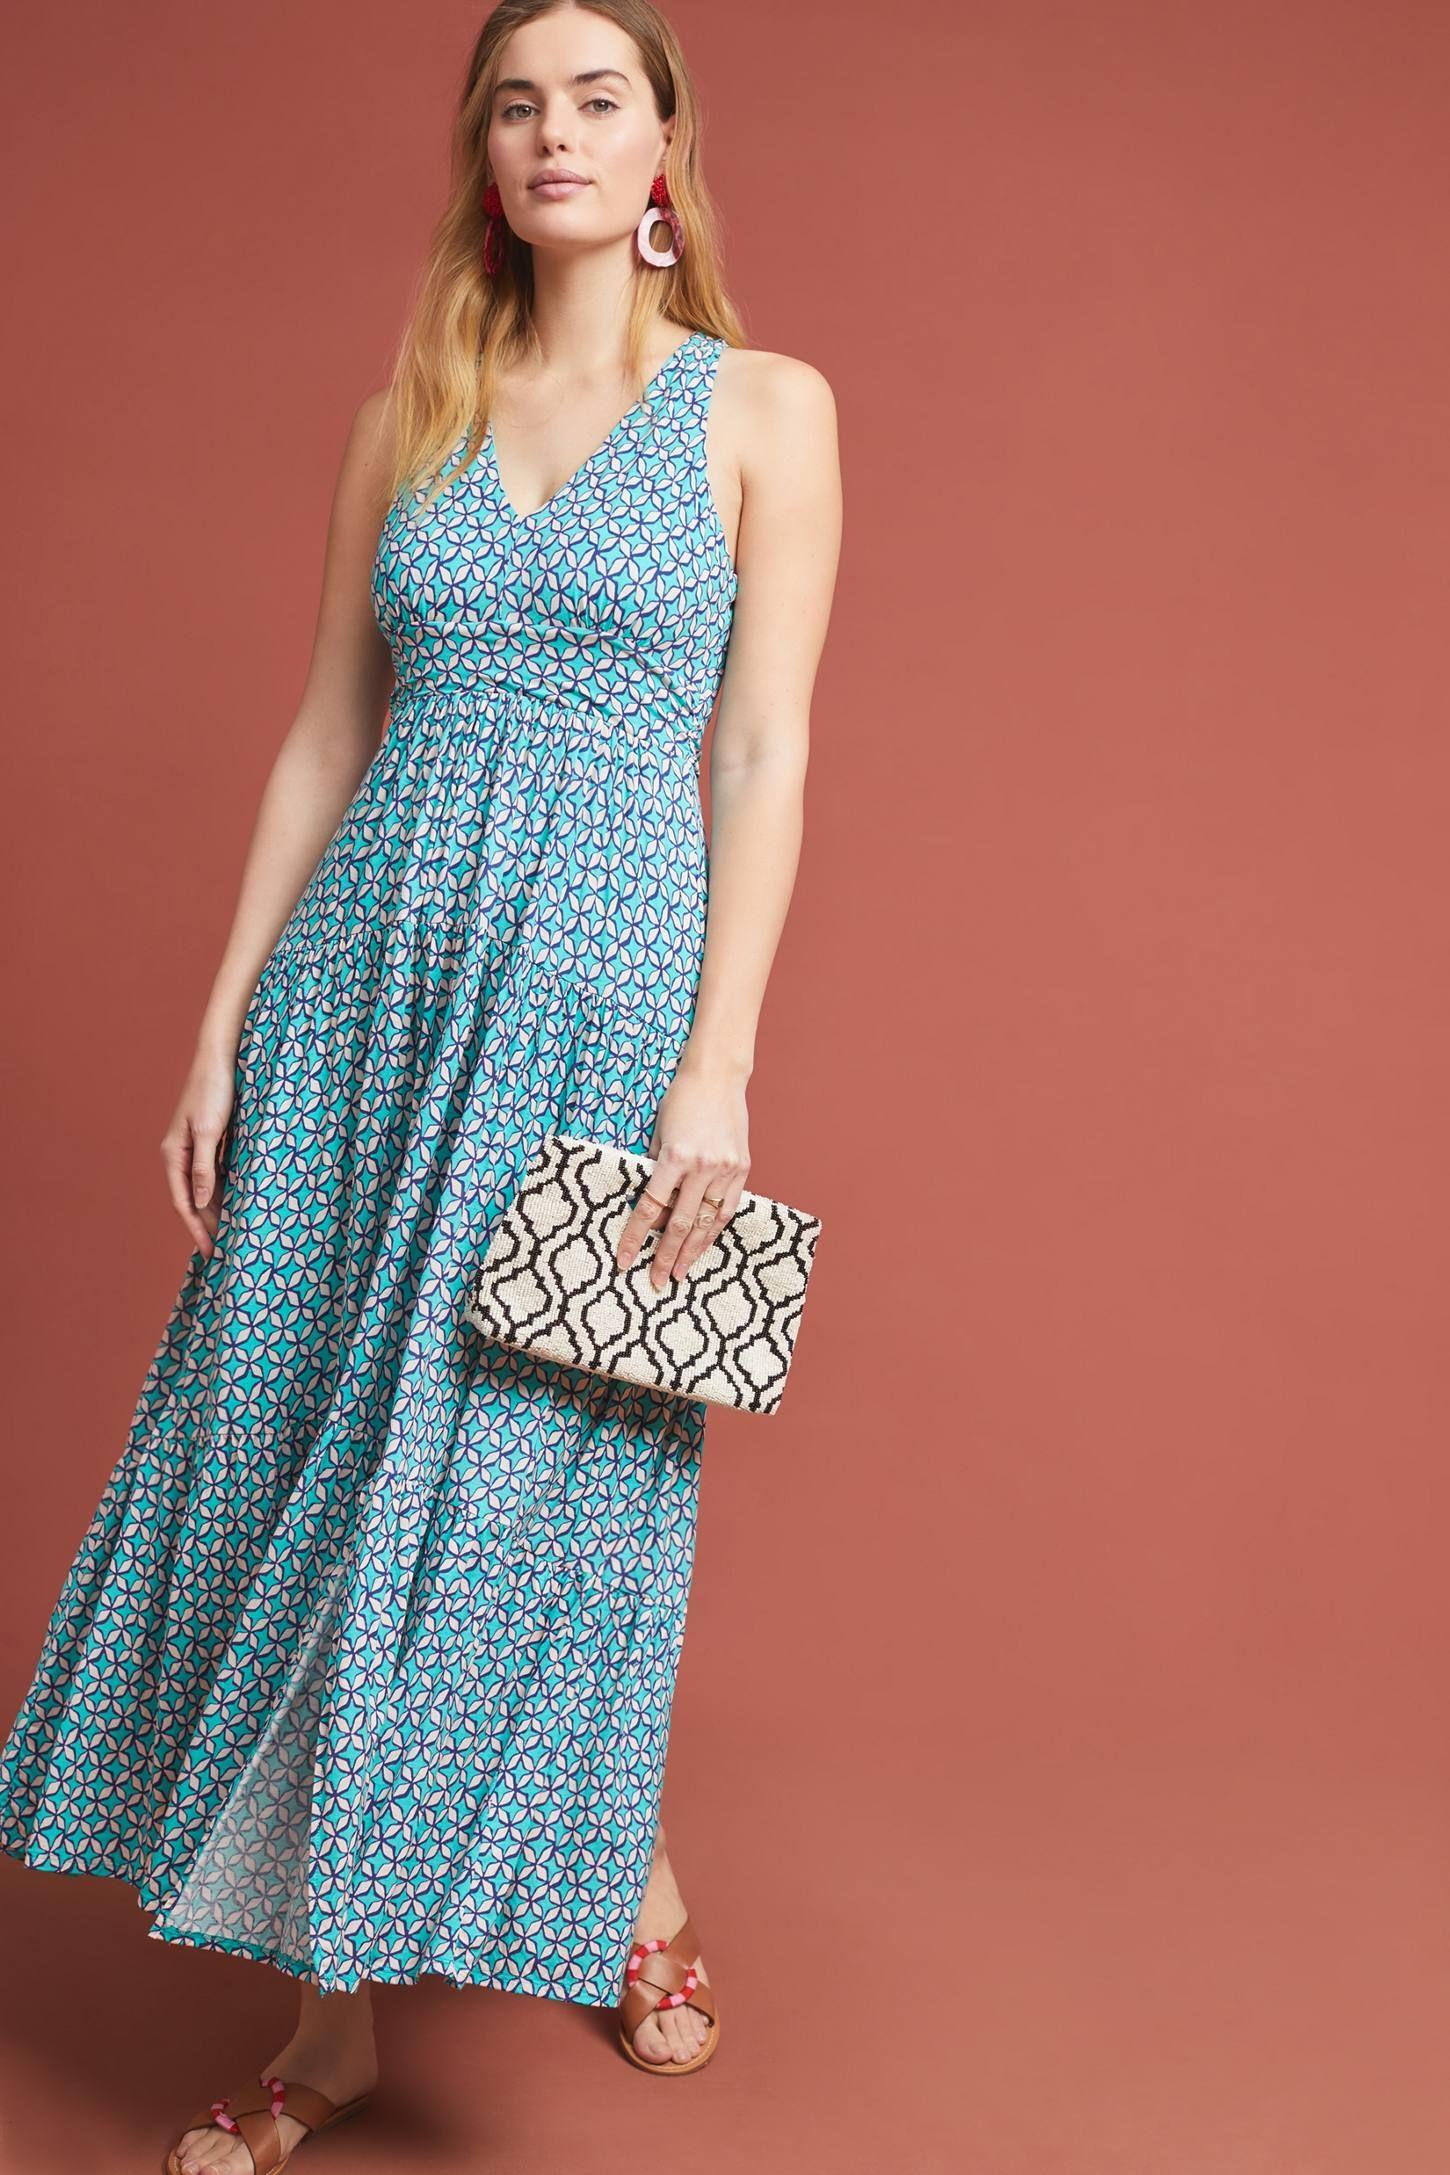 Mabel Halter Maxi Dress Maxi Dress Dresses Halter Maxi [ 2175 x 1450 Pixel ]